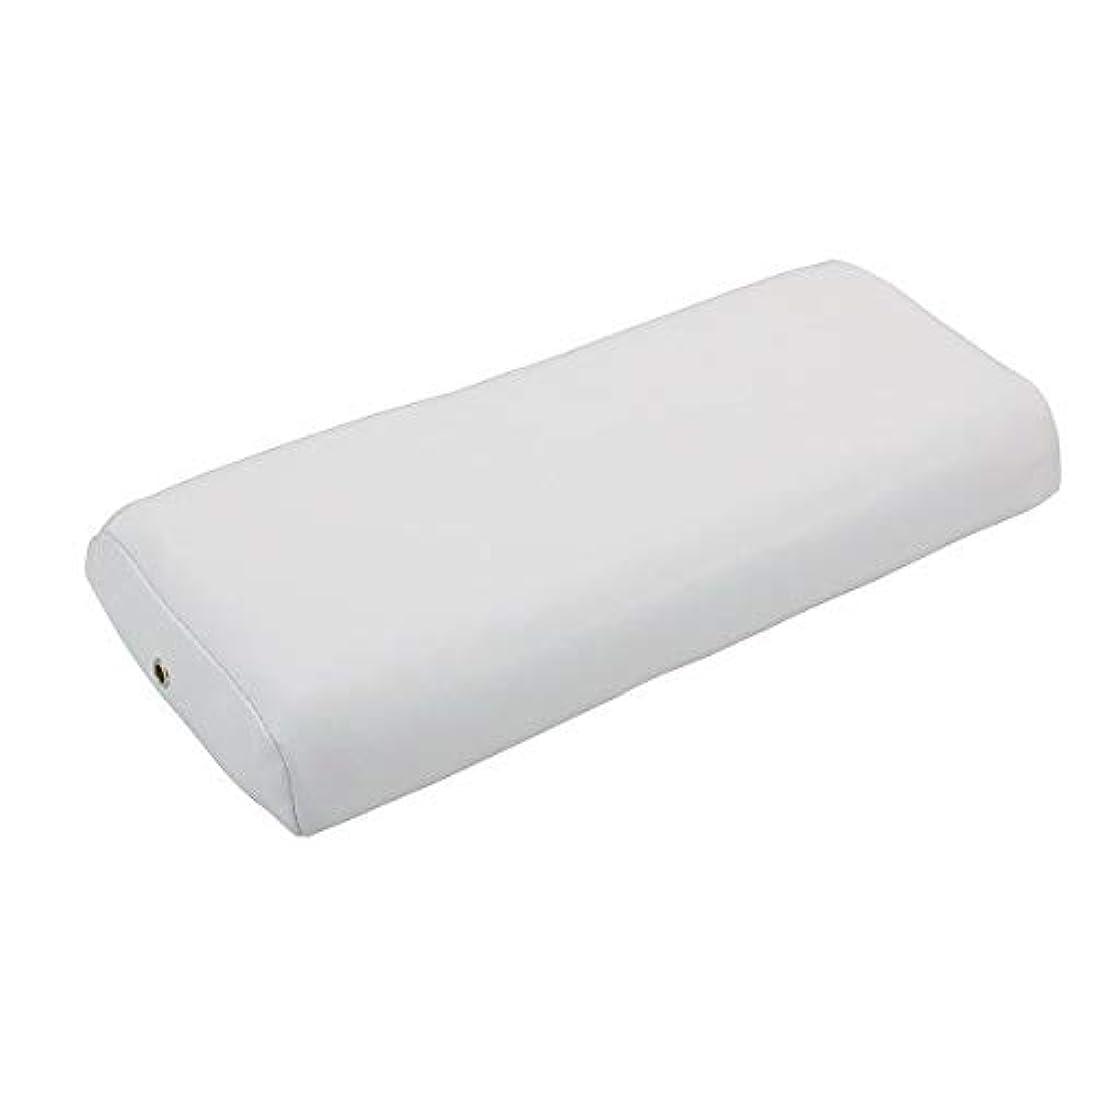 ホバート圧縮する限りなくNEOかどまる枕 FV-921 【 ホワイト 】 フェイスまくら フェイス枕 うつぶせ枕 マッサージ枕